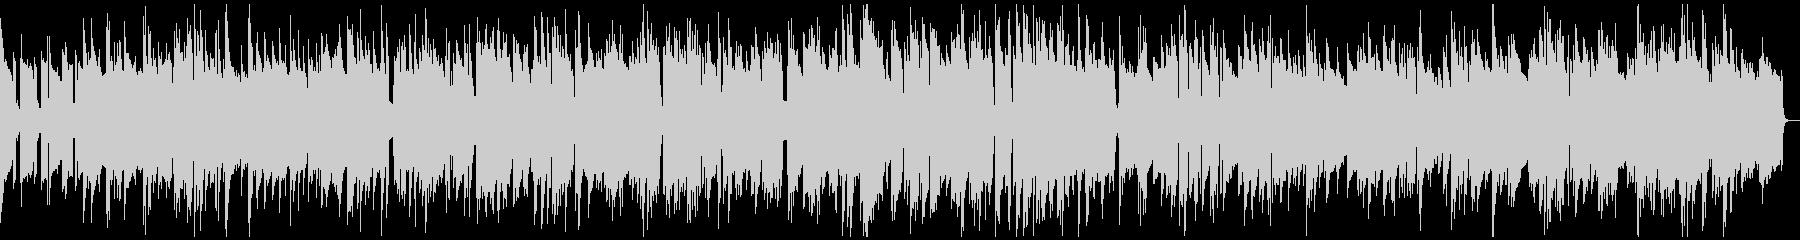 ゆったりとしたピアノジャズバラードの未再生の波形